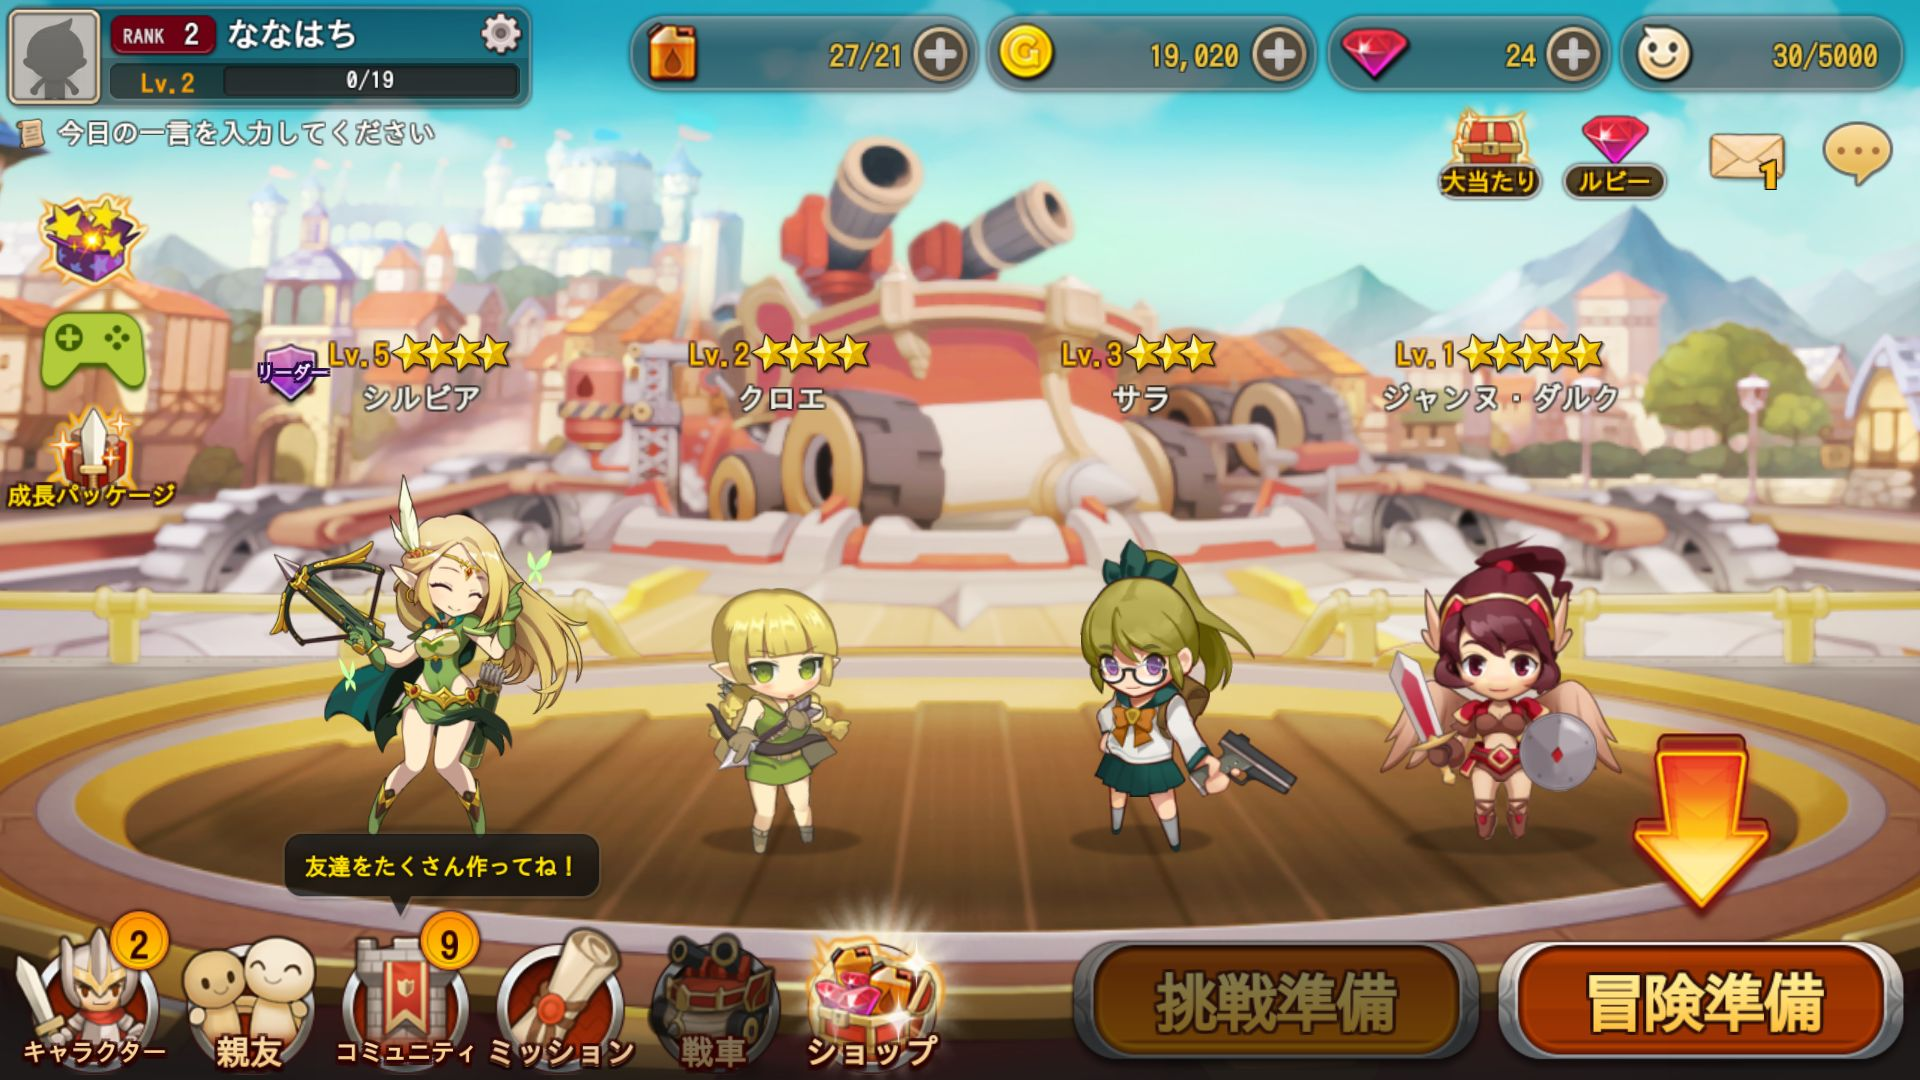 モンスタースイーパーズ androidアプリスクリーンショット2